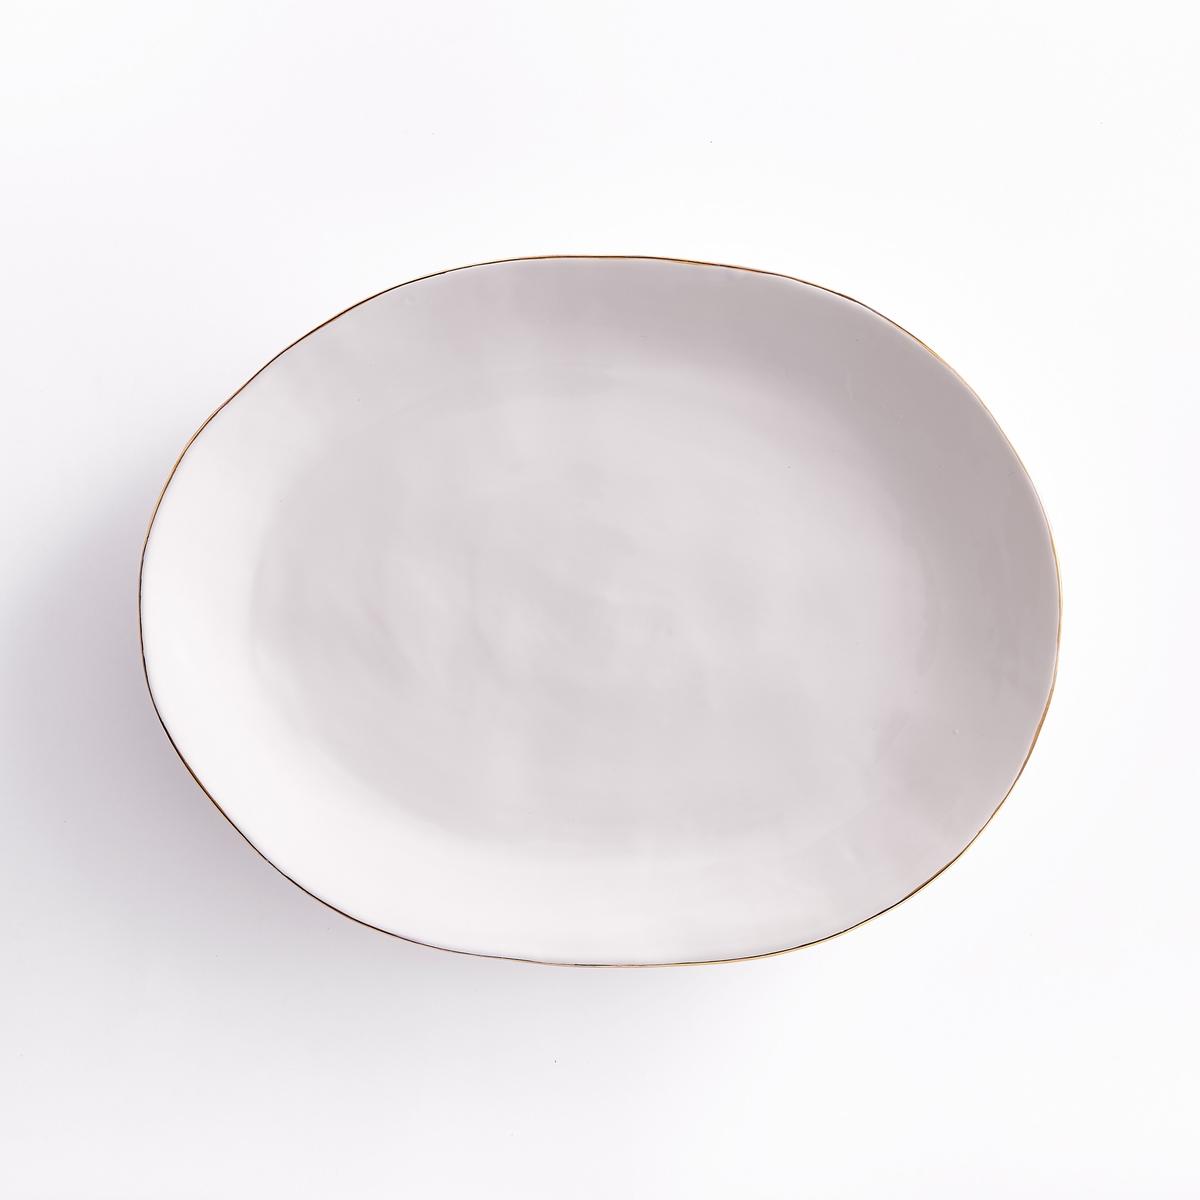 Блюдо из фаянса, CatalpaРазмеры : Ш.34,5 x В.3,2 x Г.26,5 см. - Подходит для использования в посудомоечной машине.<br><br>Цвет: золотисто-белый<br>Размер: единый размер